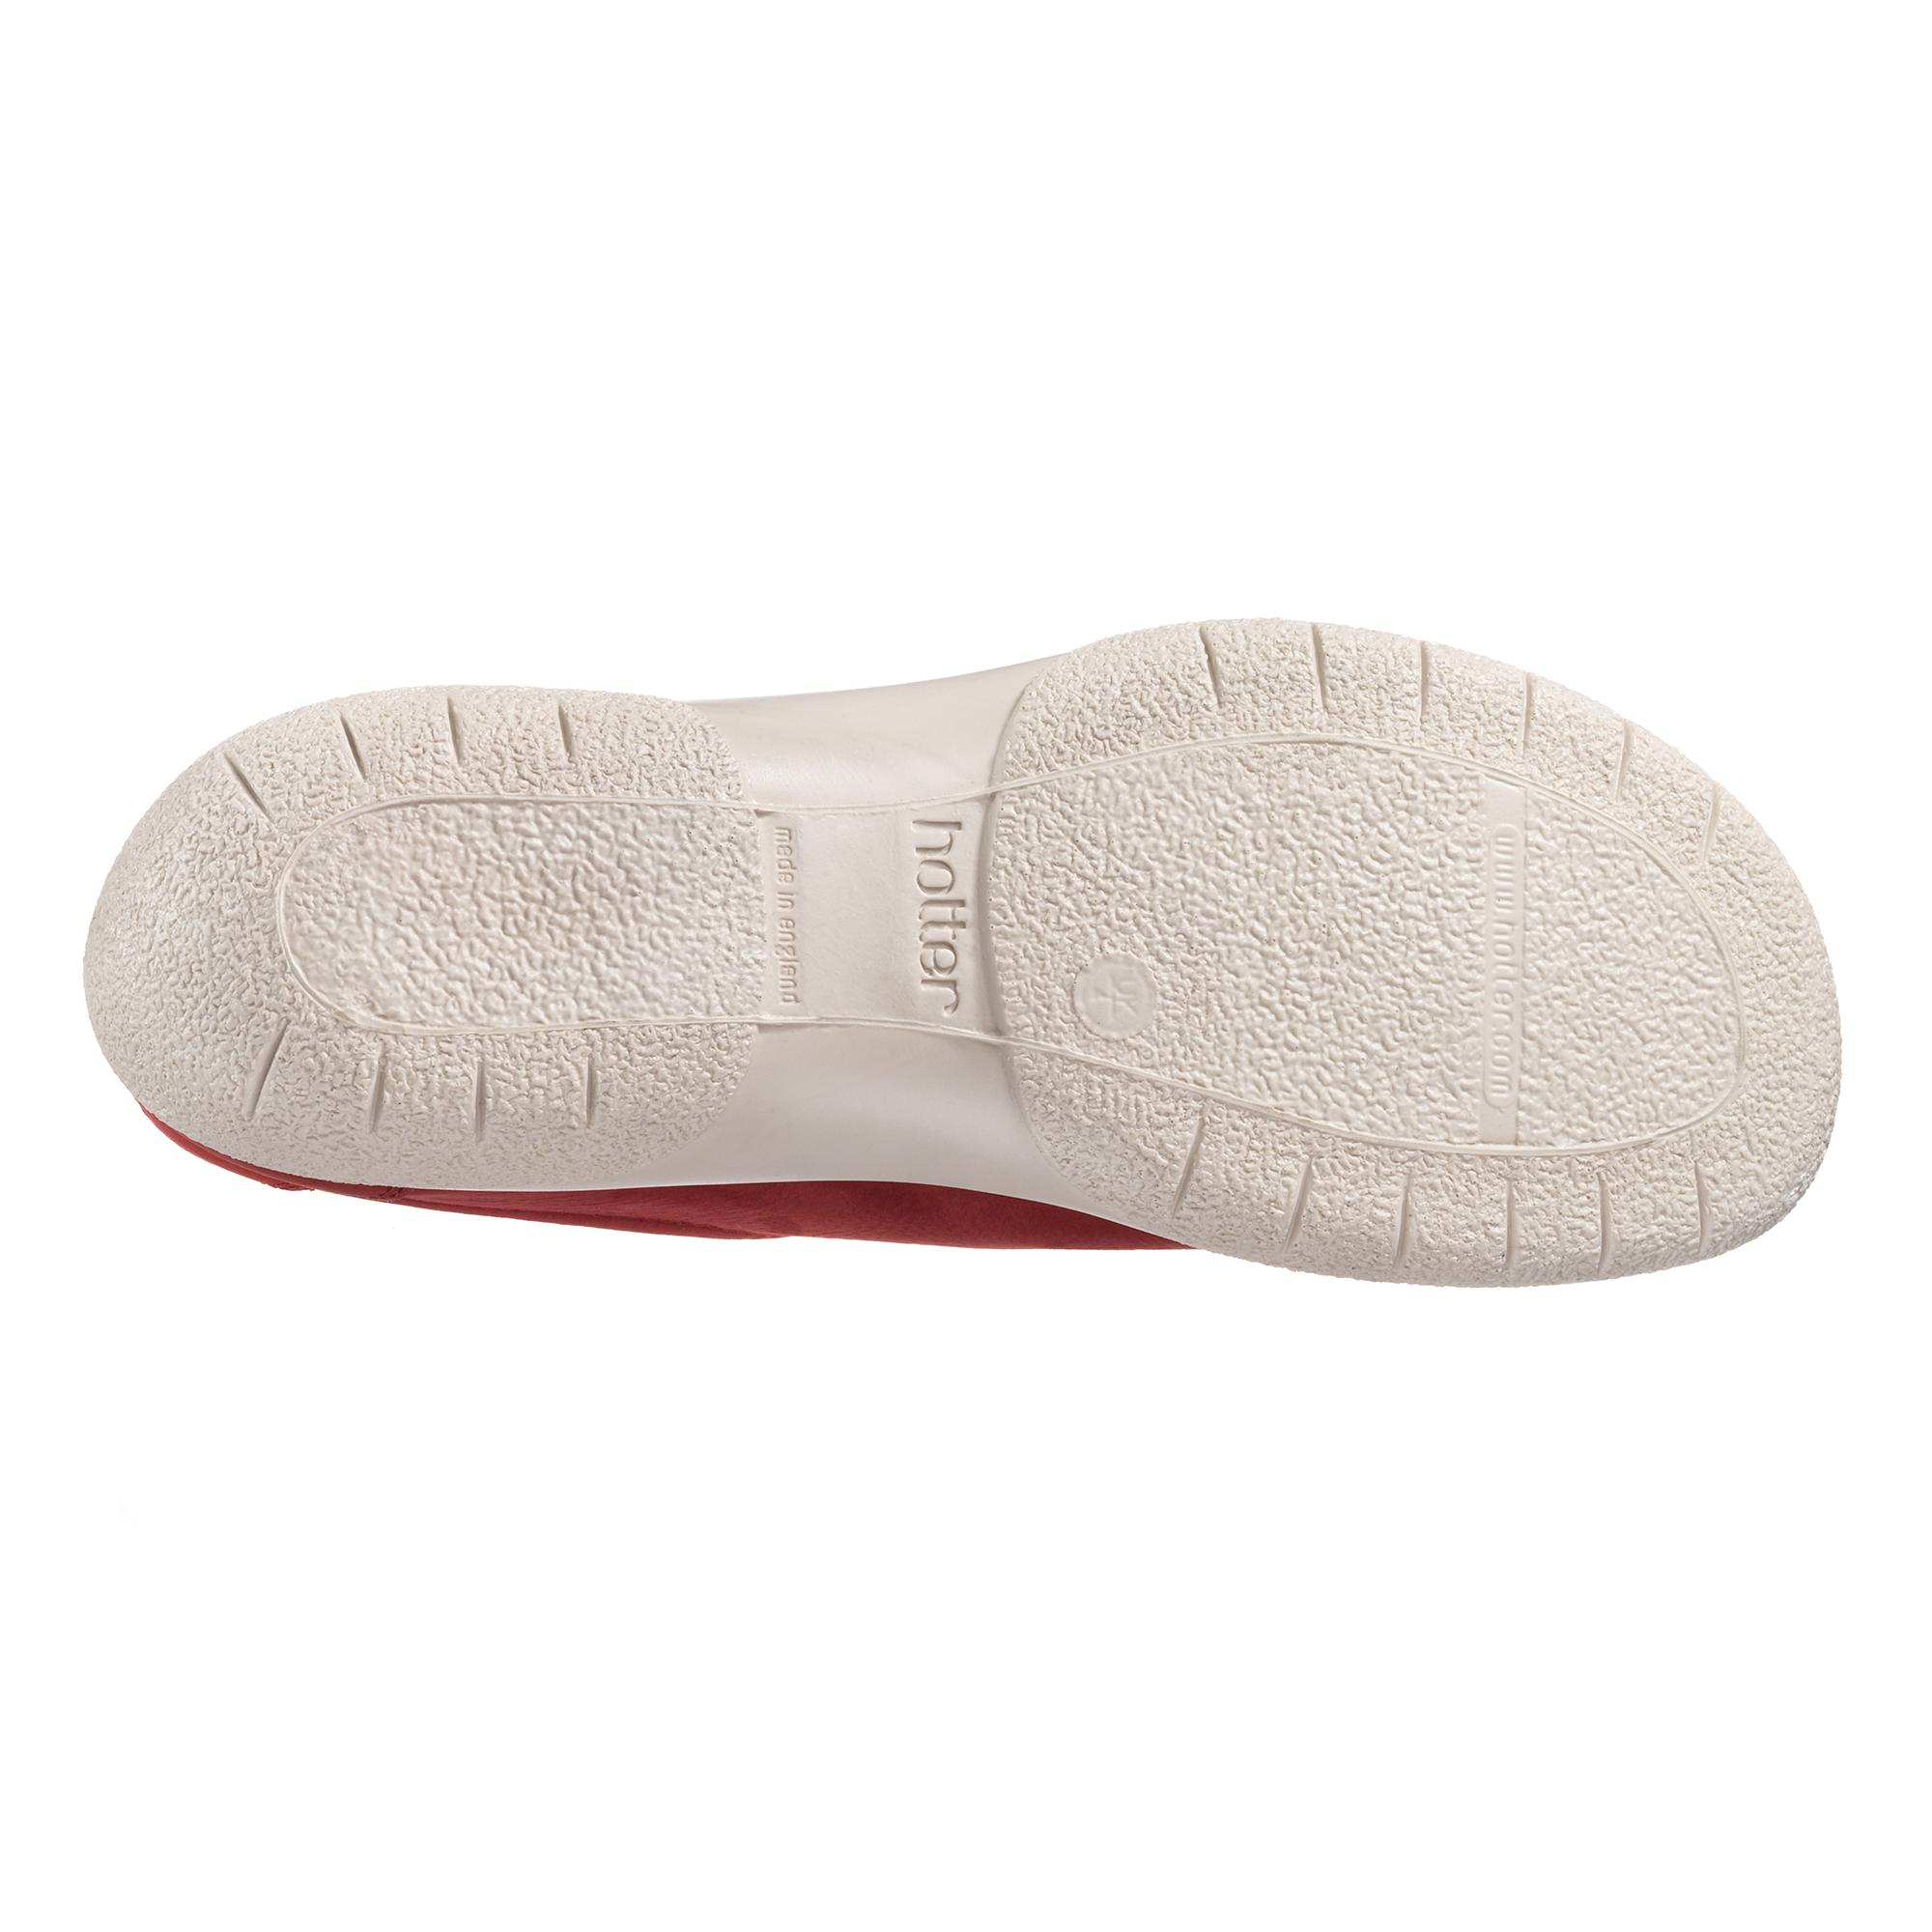 Hotter-Mujer-Dew-Senoras-Casual-Ponerse-Zapatos-Calzado-Zapatillas-Cuero-Textil